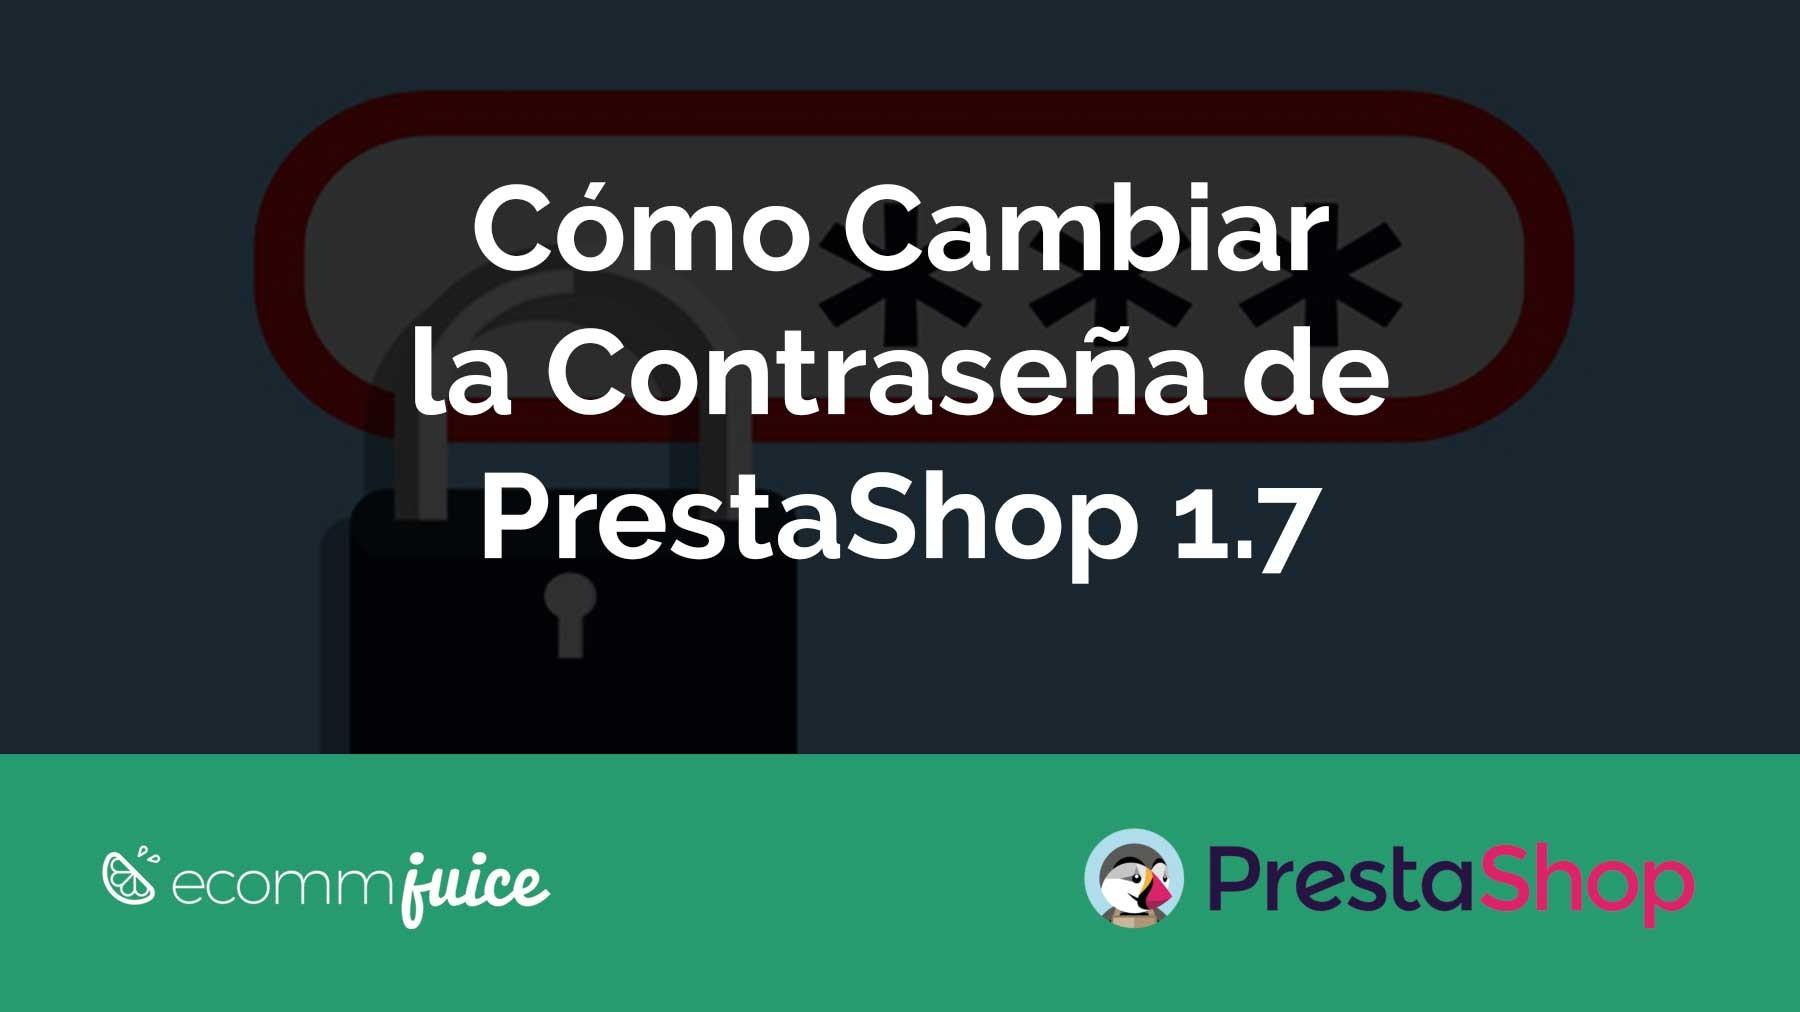 Cómo cambiar la contraseña de PrestaShop 1.7